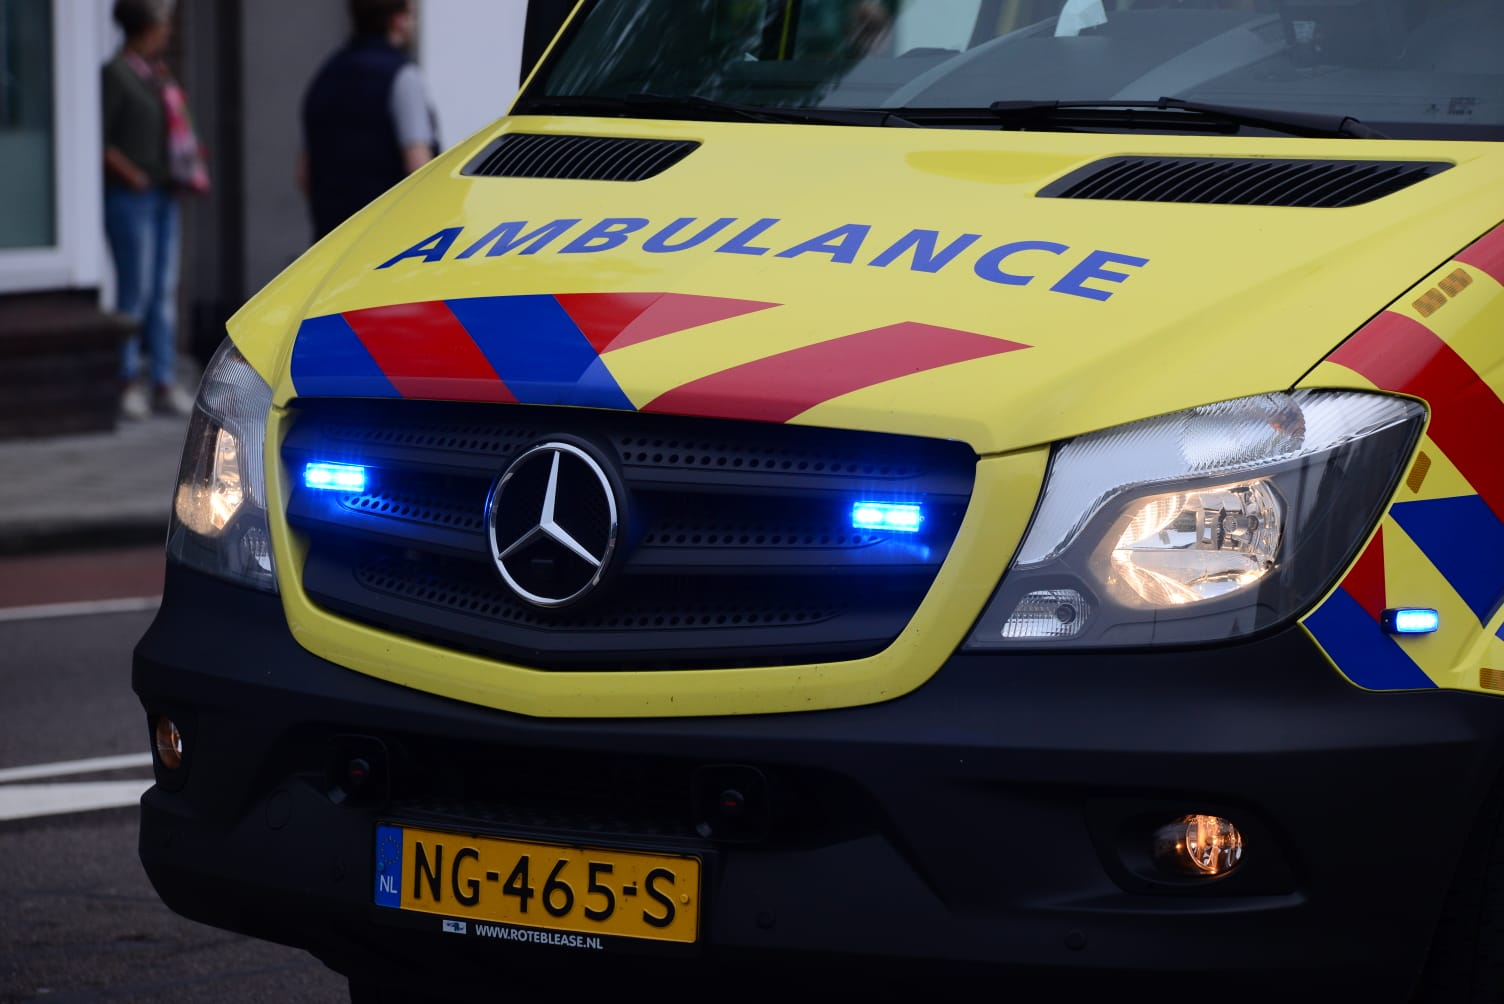 Jongen gewond na steekincident bij supermarkt Jan Steenstraat Rotterdam